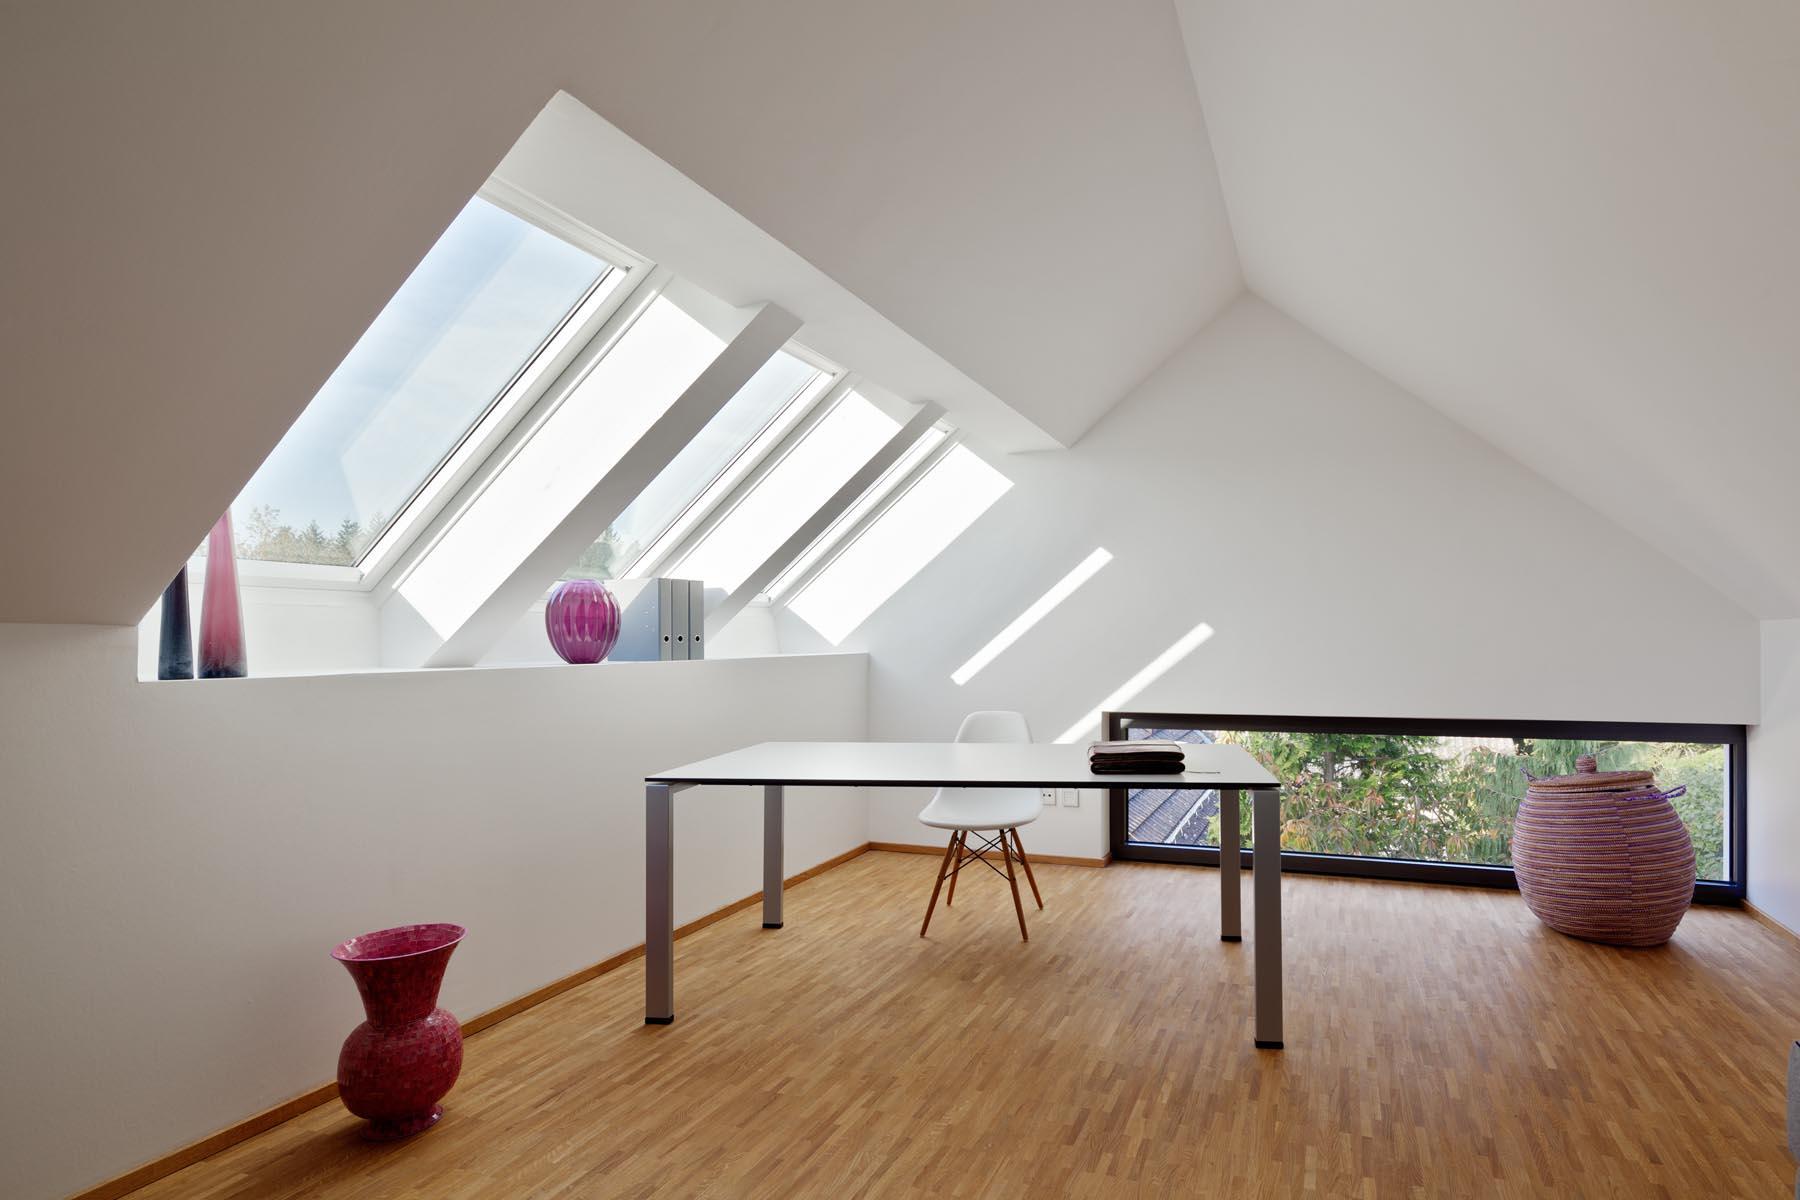 Wohnhaus mit praxis dachfenster thomas ott u couch